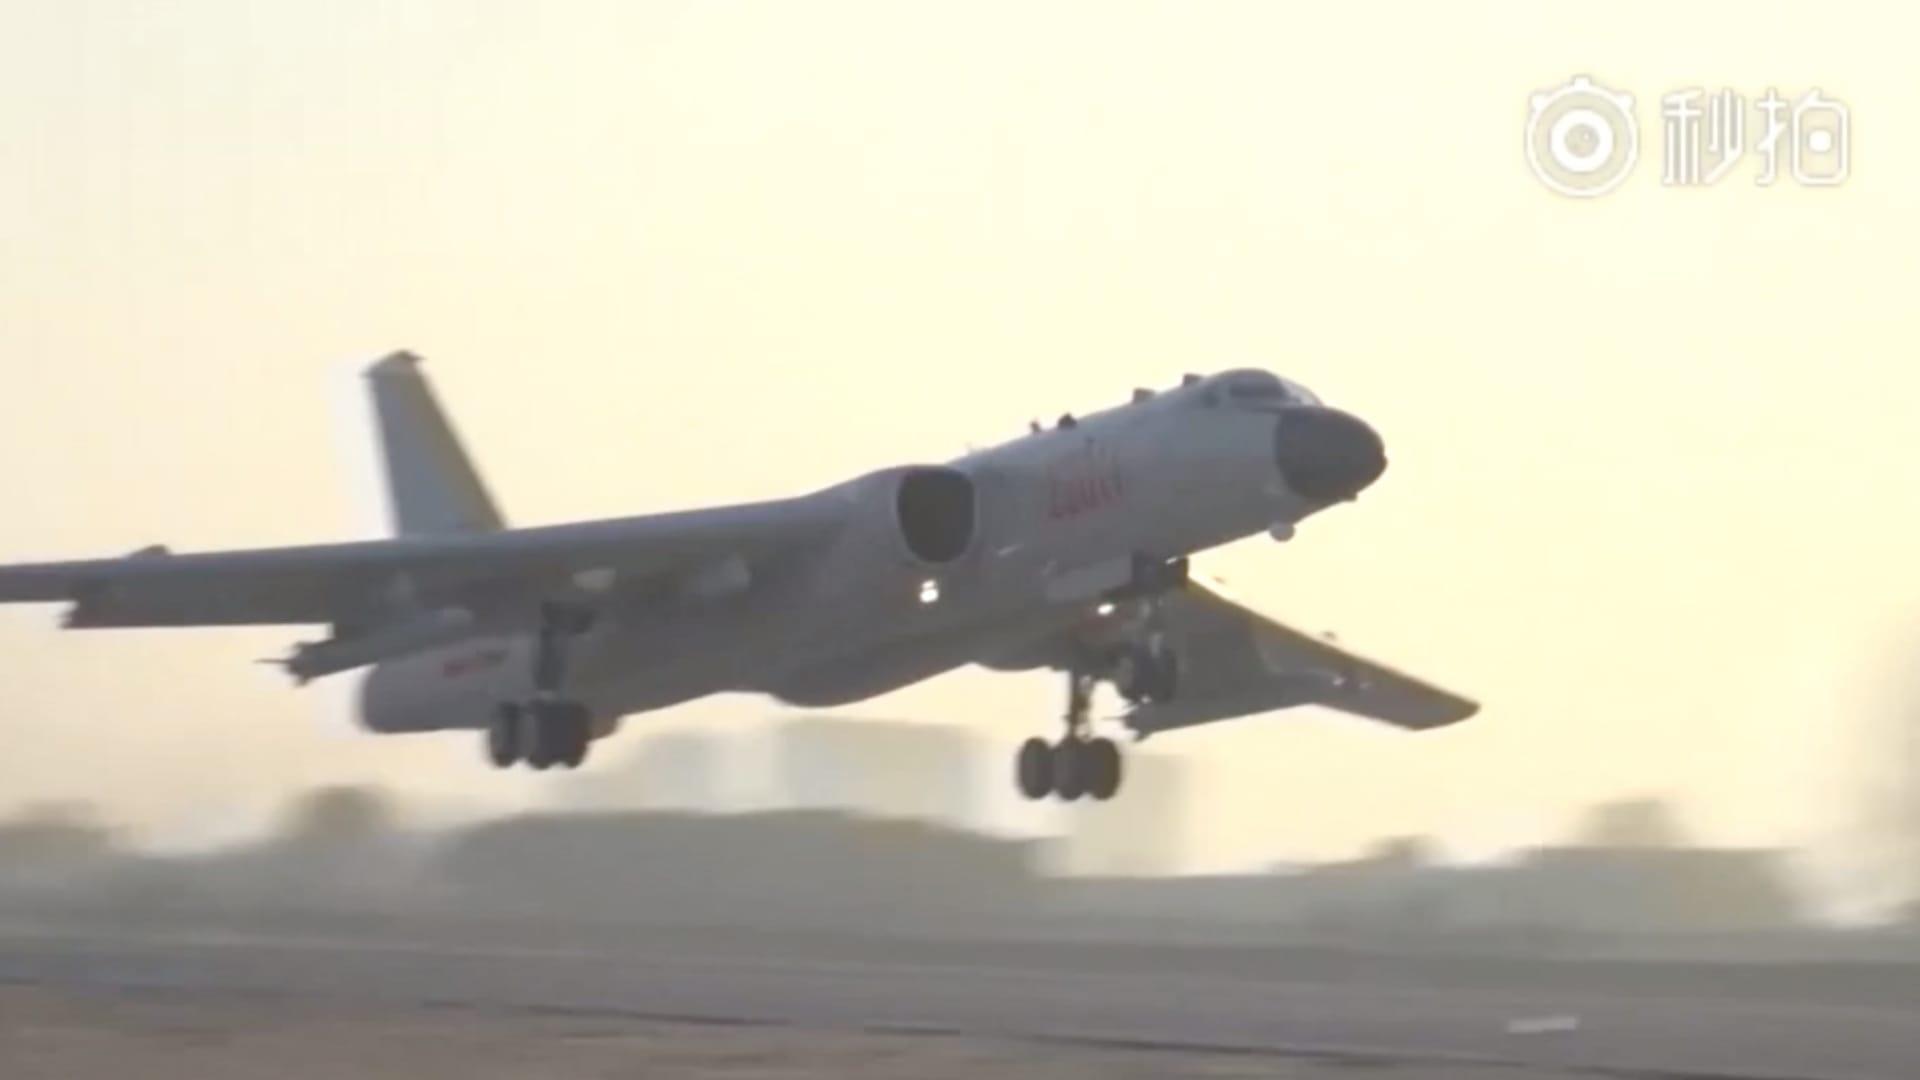 الصين ترسل أكثر من 30 طائرة حربية في استعراض للقوة بالقرب من تايوان